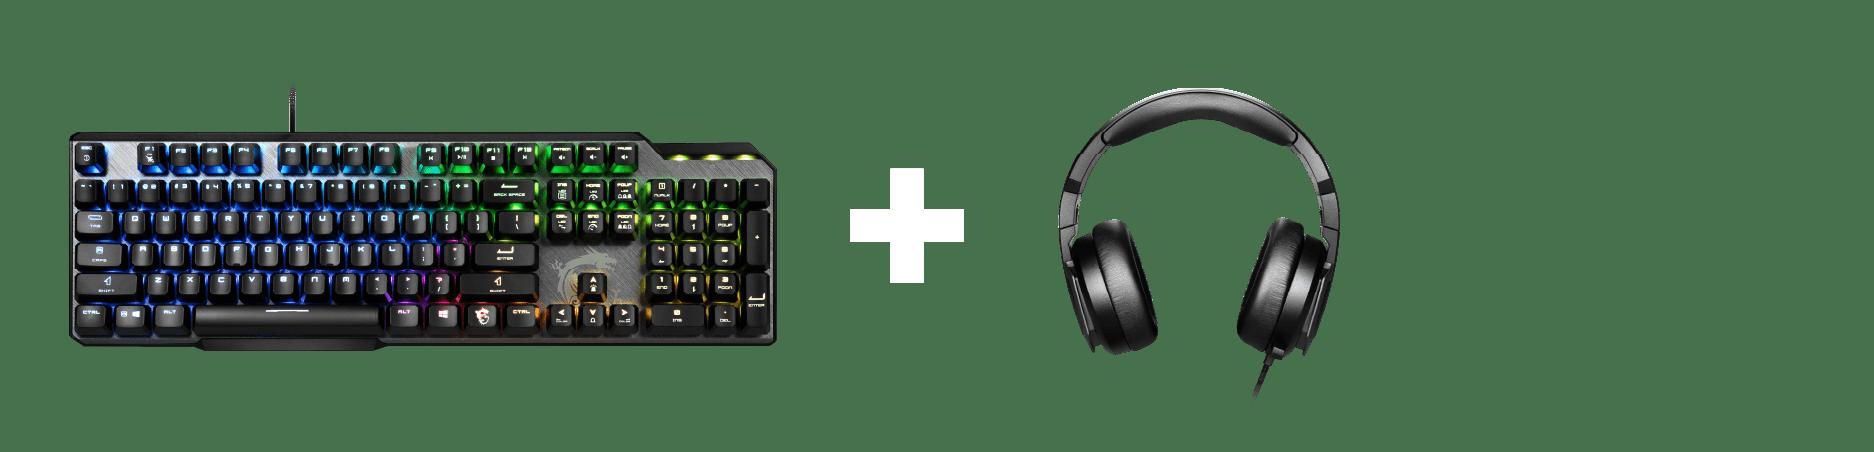 MSI Keyboard + Headset